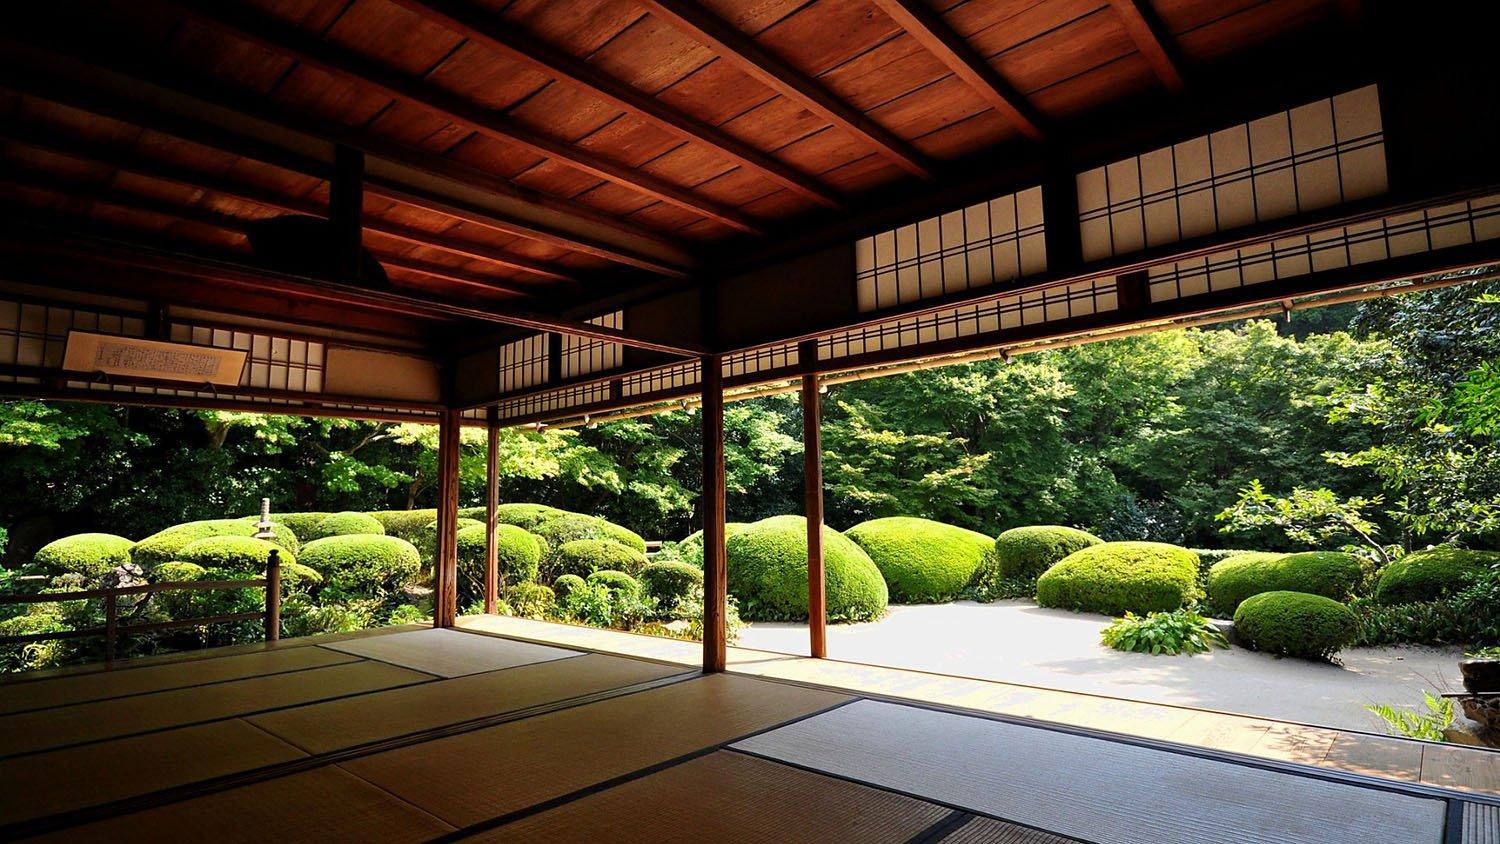 Jardín zen en Japón